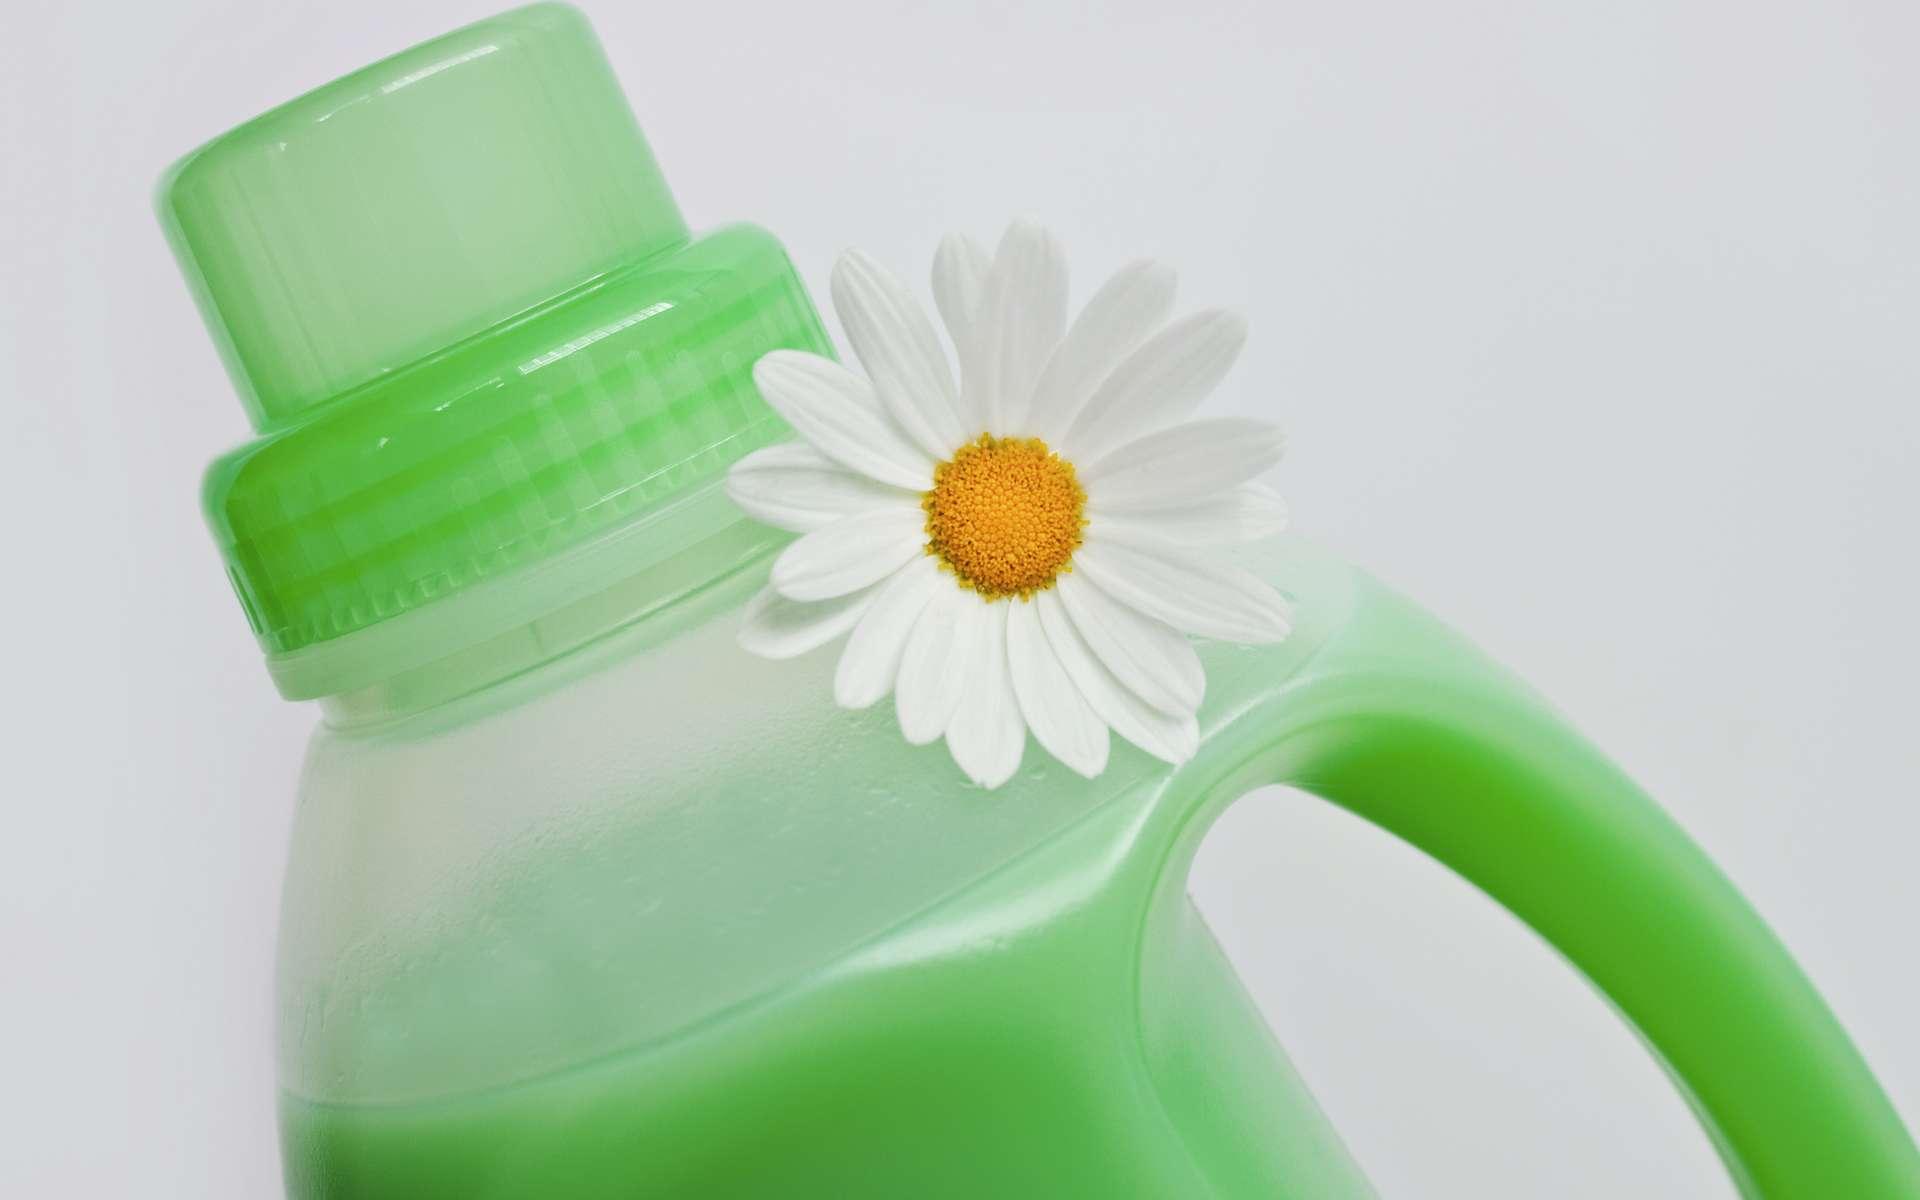 Les produits de lavage écologiques sont-ils fiables et efficaces ? © Pixelot, Adobe Stock